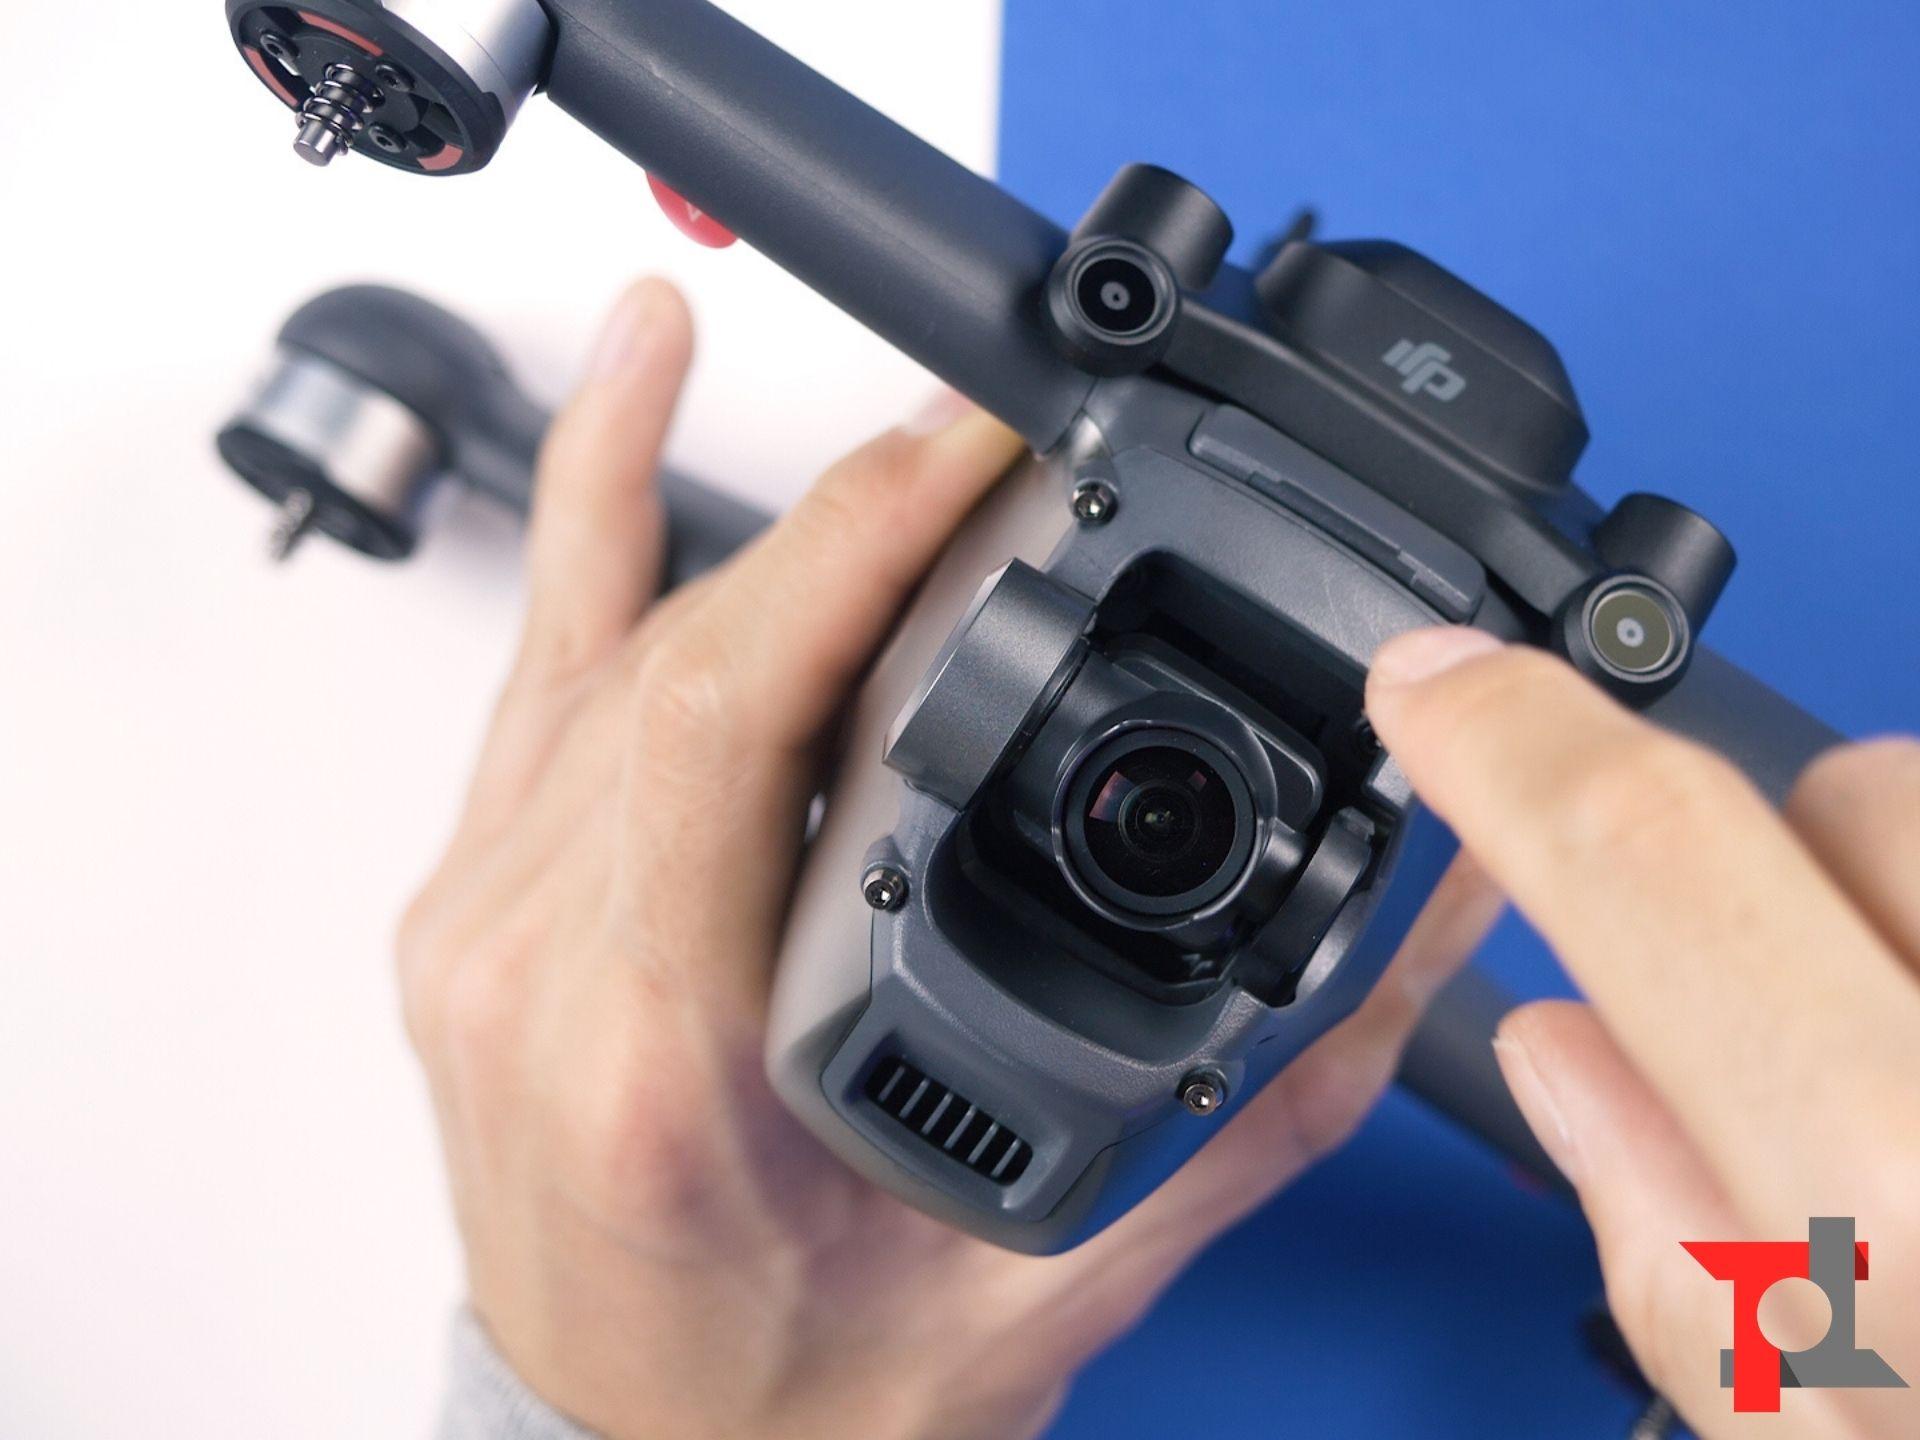 dji-fpv-drone-recensione-tt-3